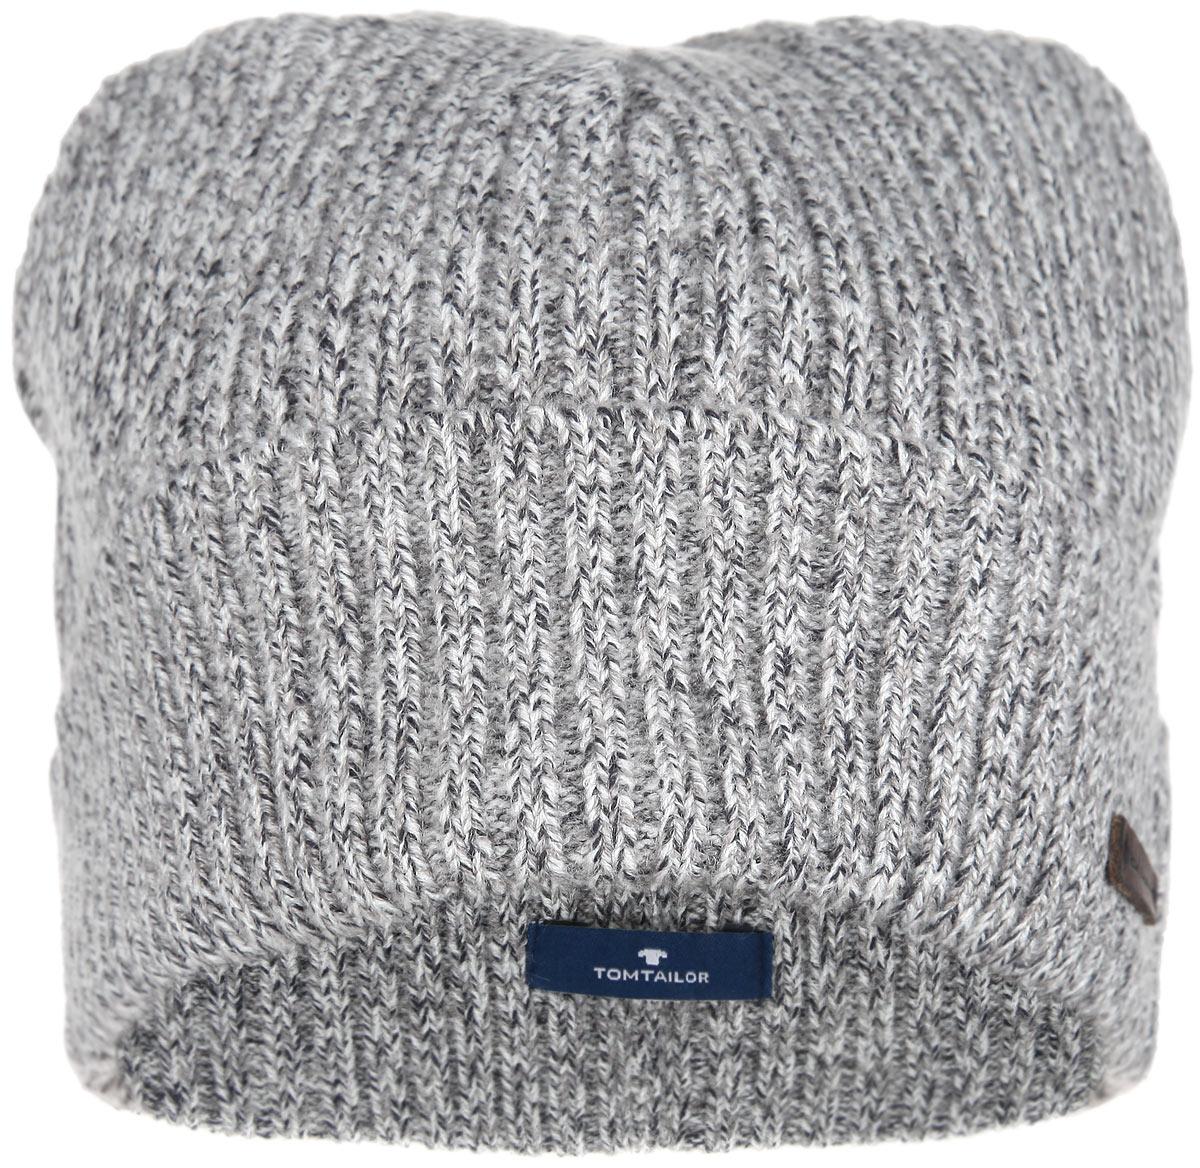 Шапка мужская. 0219807.00.100219807.00.10_2624Вязаная мужская шапка Tom Tailor дополнит ваш наряд и не позволит вам замерзнуть в холодную погоду. Шапка изготовлена из высококачественной полиакриловой пряжи с добавлением хлопка, что позволяет ей великолепно сохранять тепло и обеспечивает высокую эластичность, а также удобство посадки. Модель связана крупной резинкой и дополнена отворотом. Оформлено изделие небольшим декоративным элементом в виде нашивки с названием бренда. Такая шапка станет модным и стильным дополнением вашего зимнего гардероба. Она согреет вас и позволит подчеркнуть свою индивидуальность!